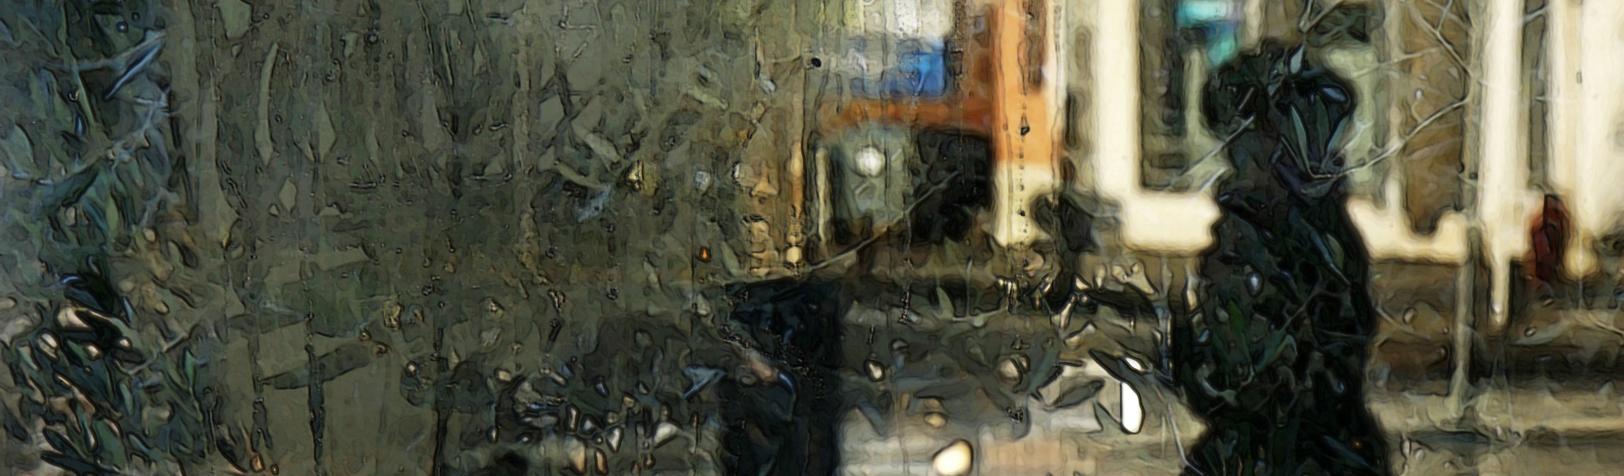 «Courir les rues»: exposition collective de l'Artothèque de Touraine du 29 septembre au 28 octobre à la médiathèque